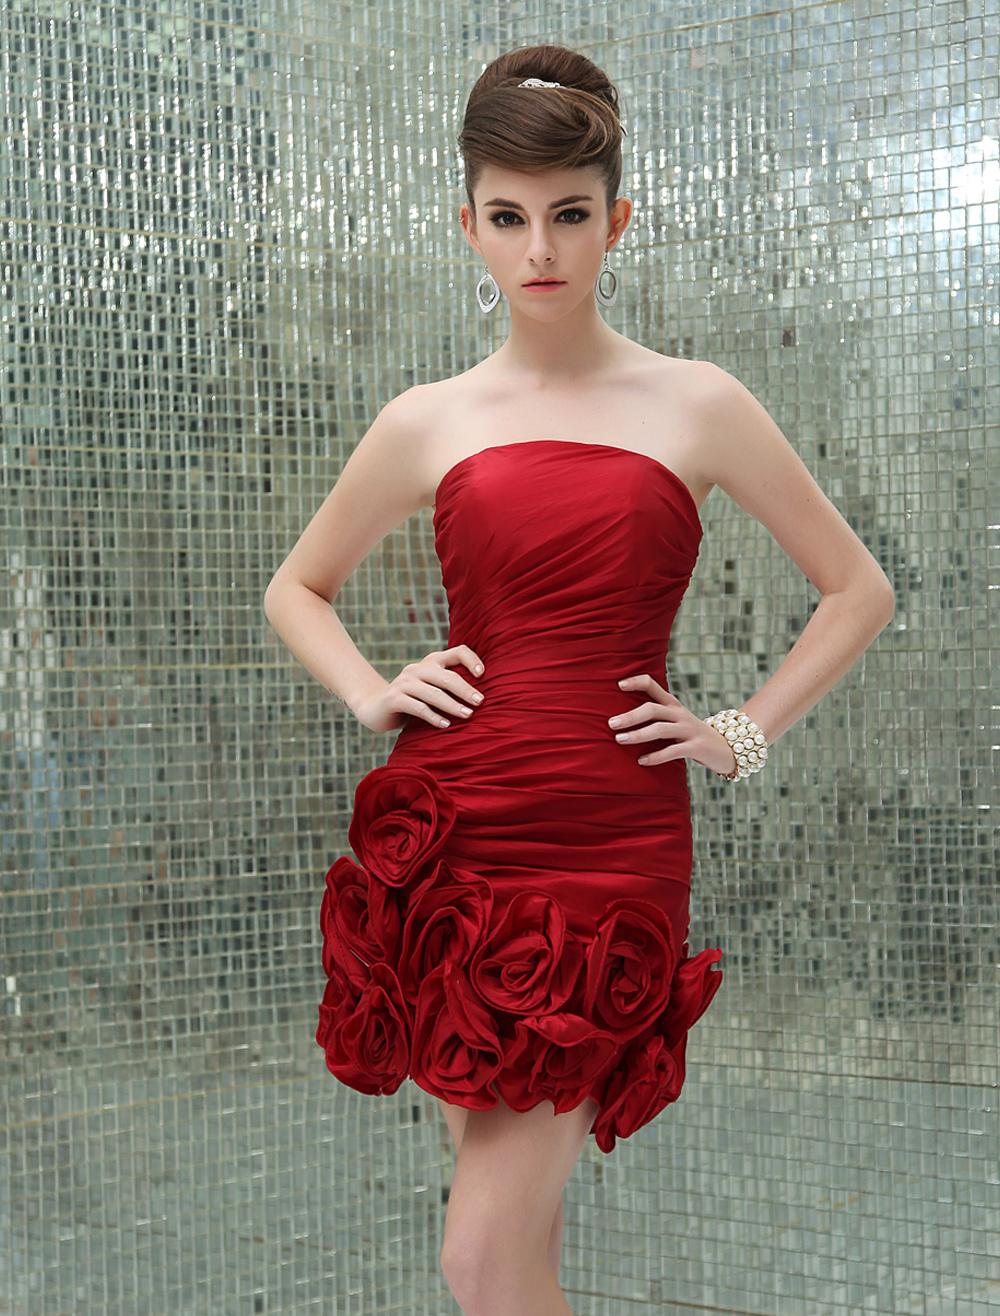 Red Flower Strapless Sheath Taffeta Grace Evening Dress For Women (Wedding Cheap Party Dress) photo